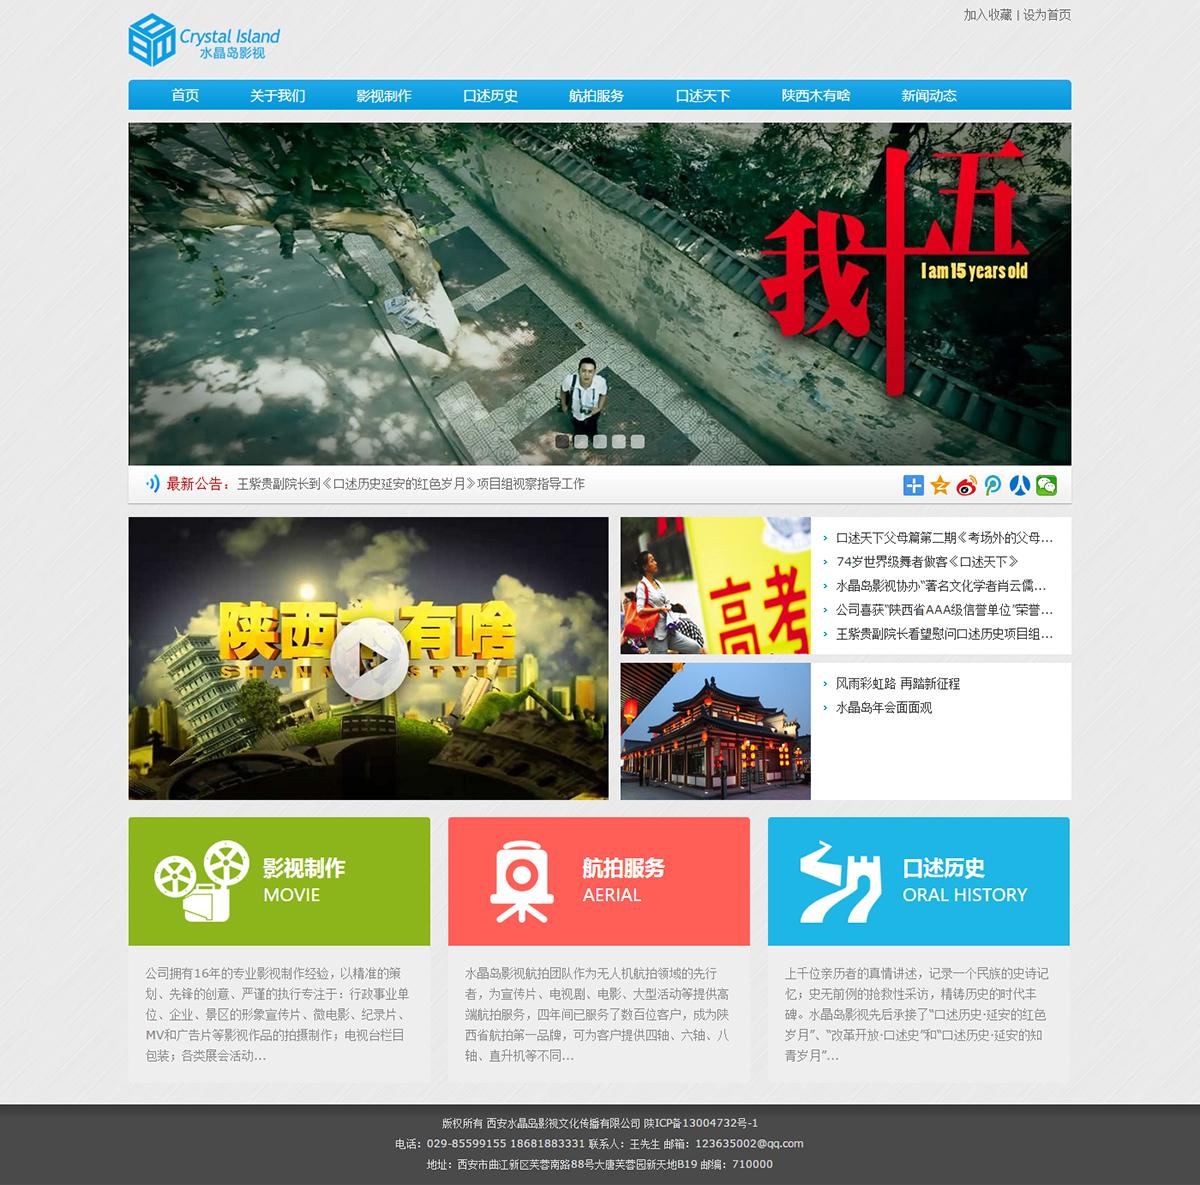 水晶岛影视官网网站首页效果图